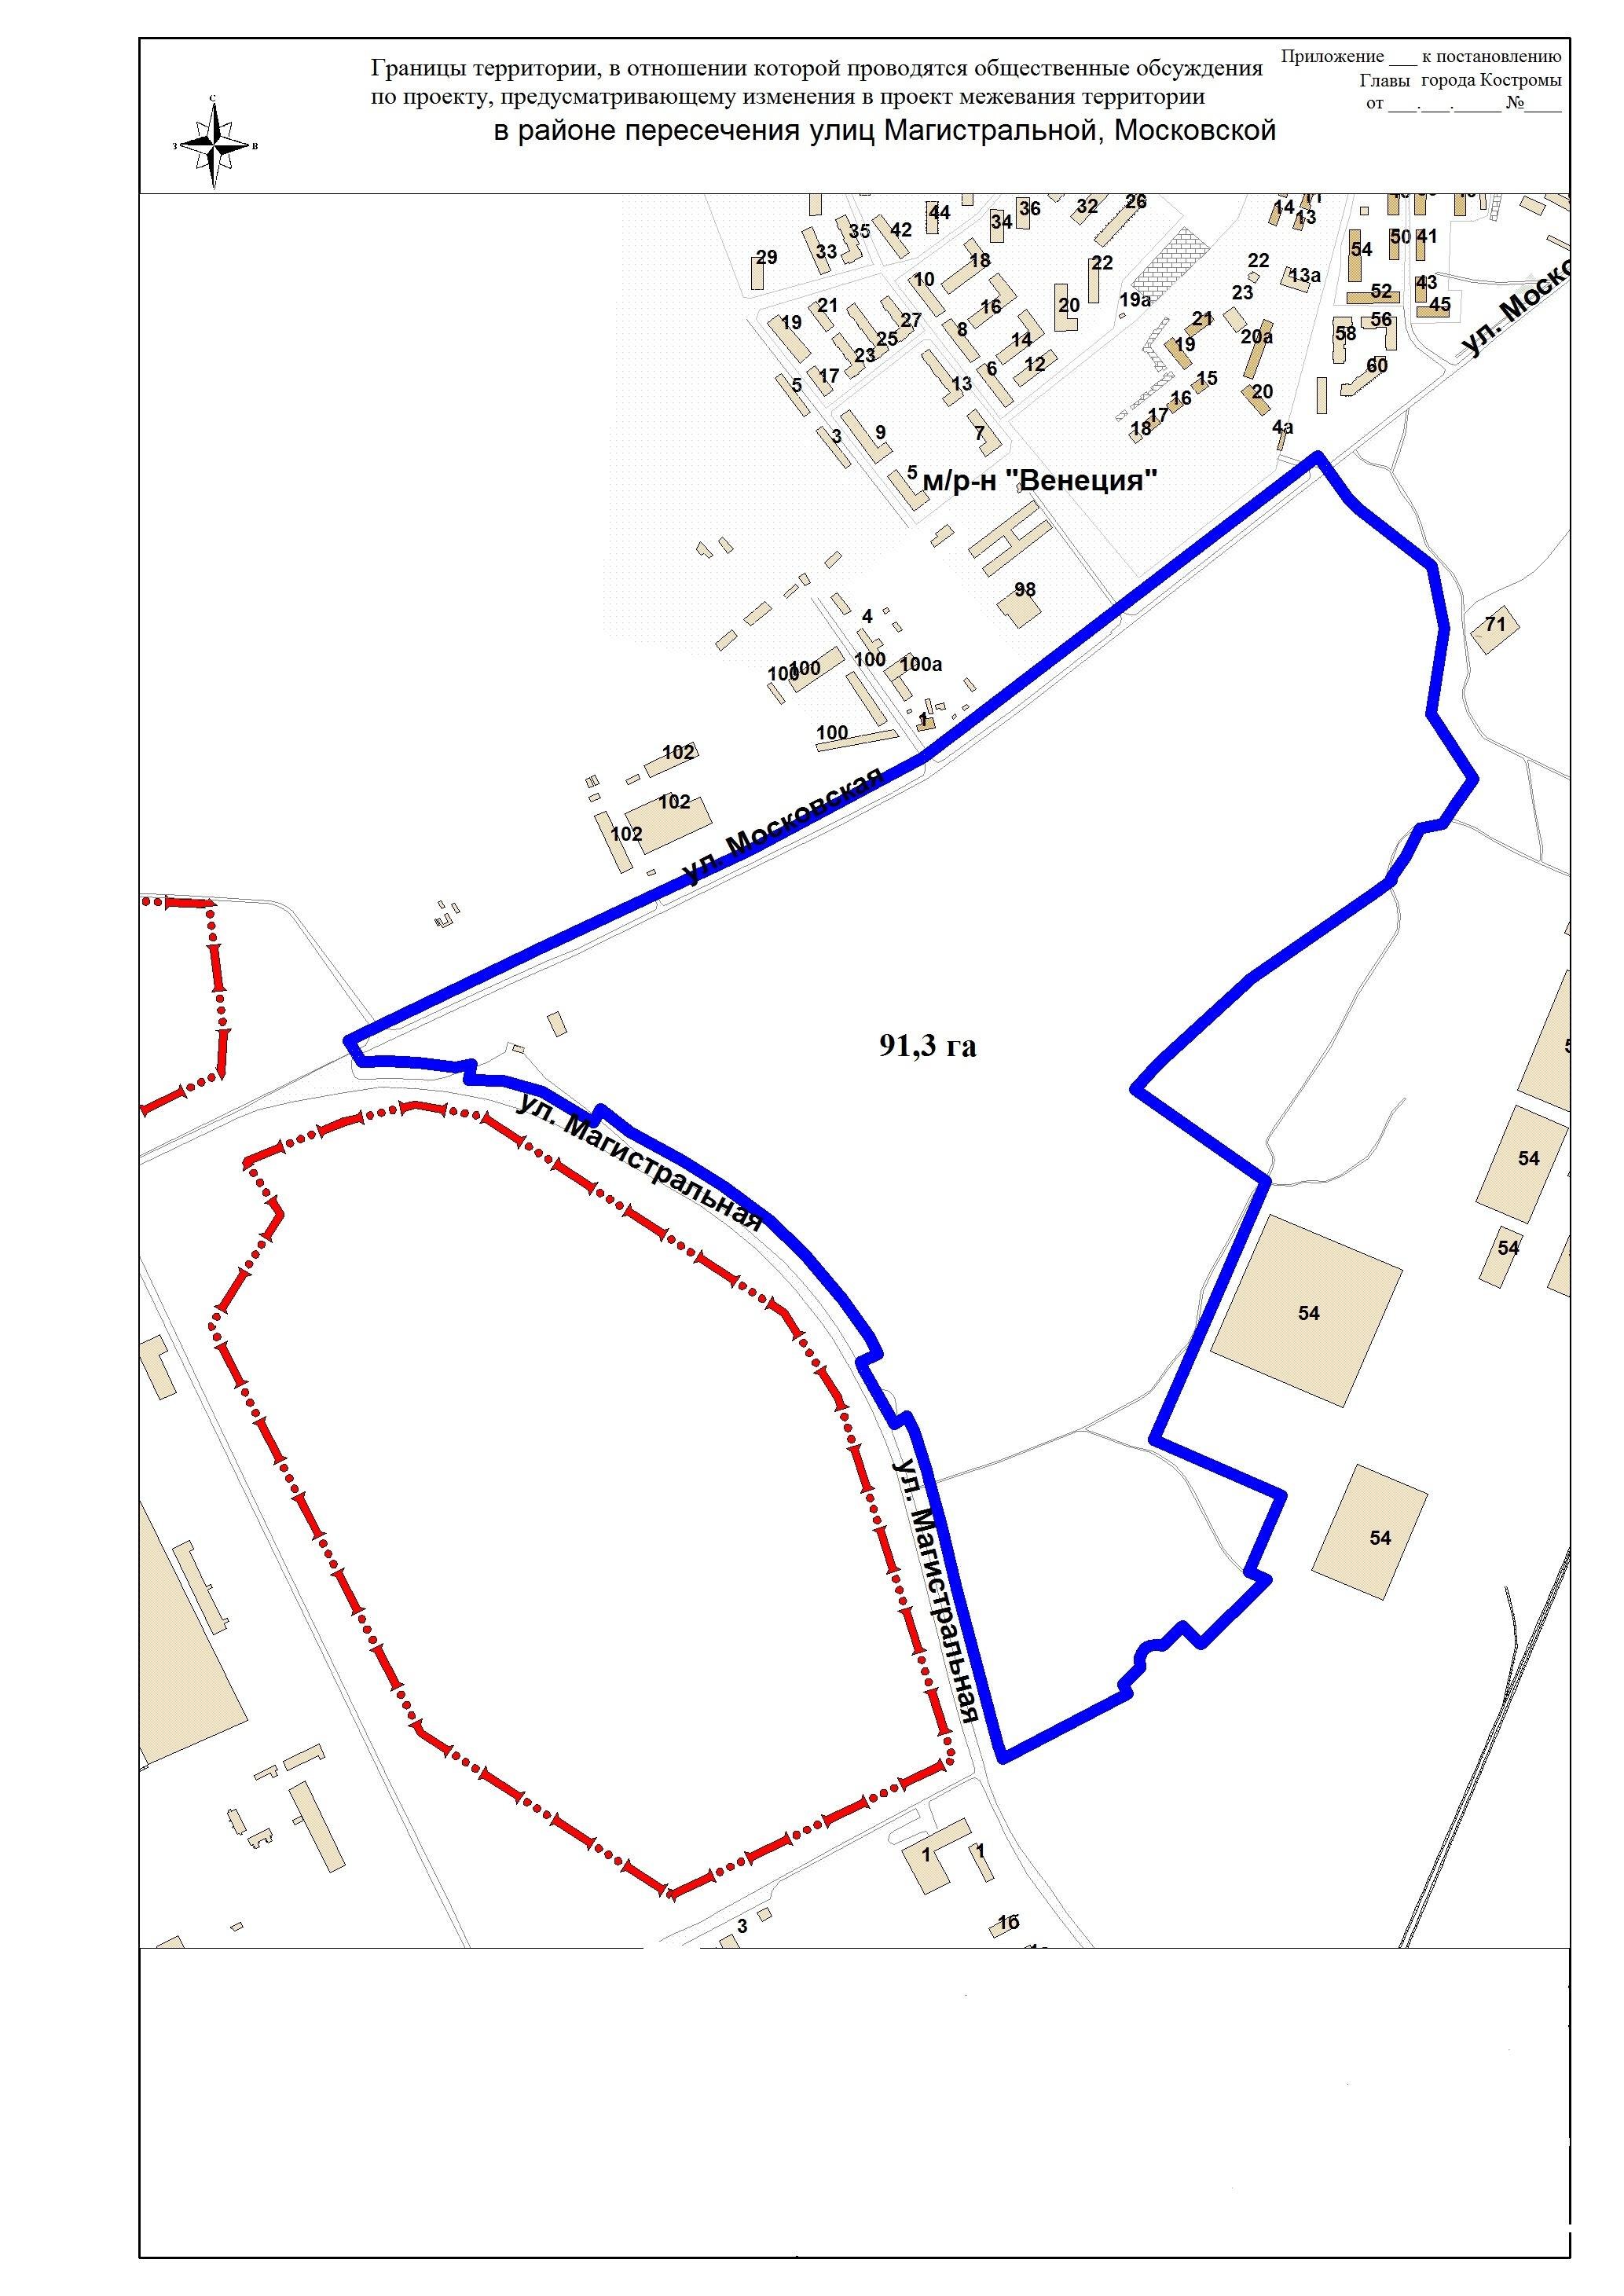 Проект, предусматривающий внесение изменений в проект межевания территории в районе пересечения улиц Магистральной, Московской